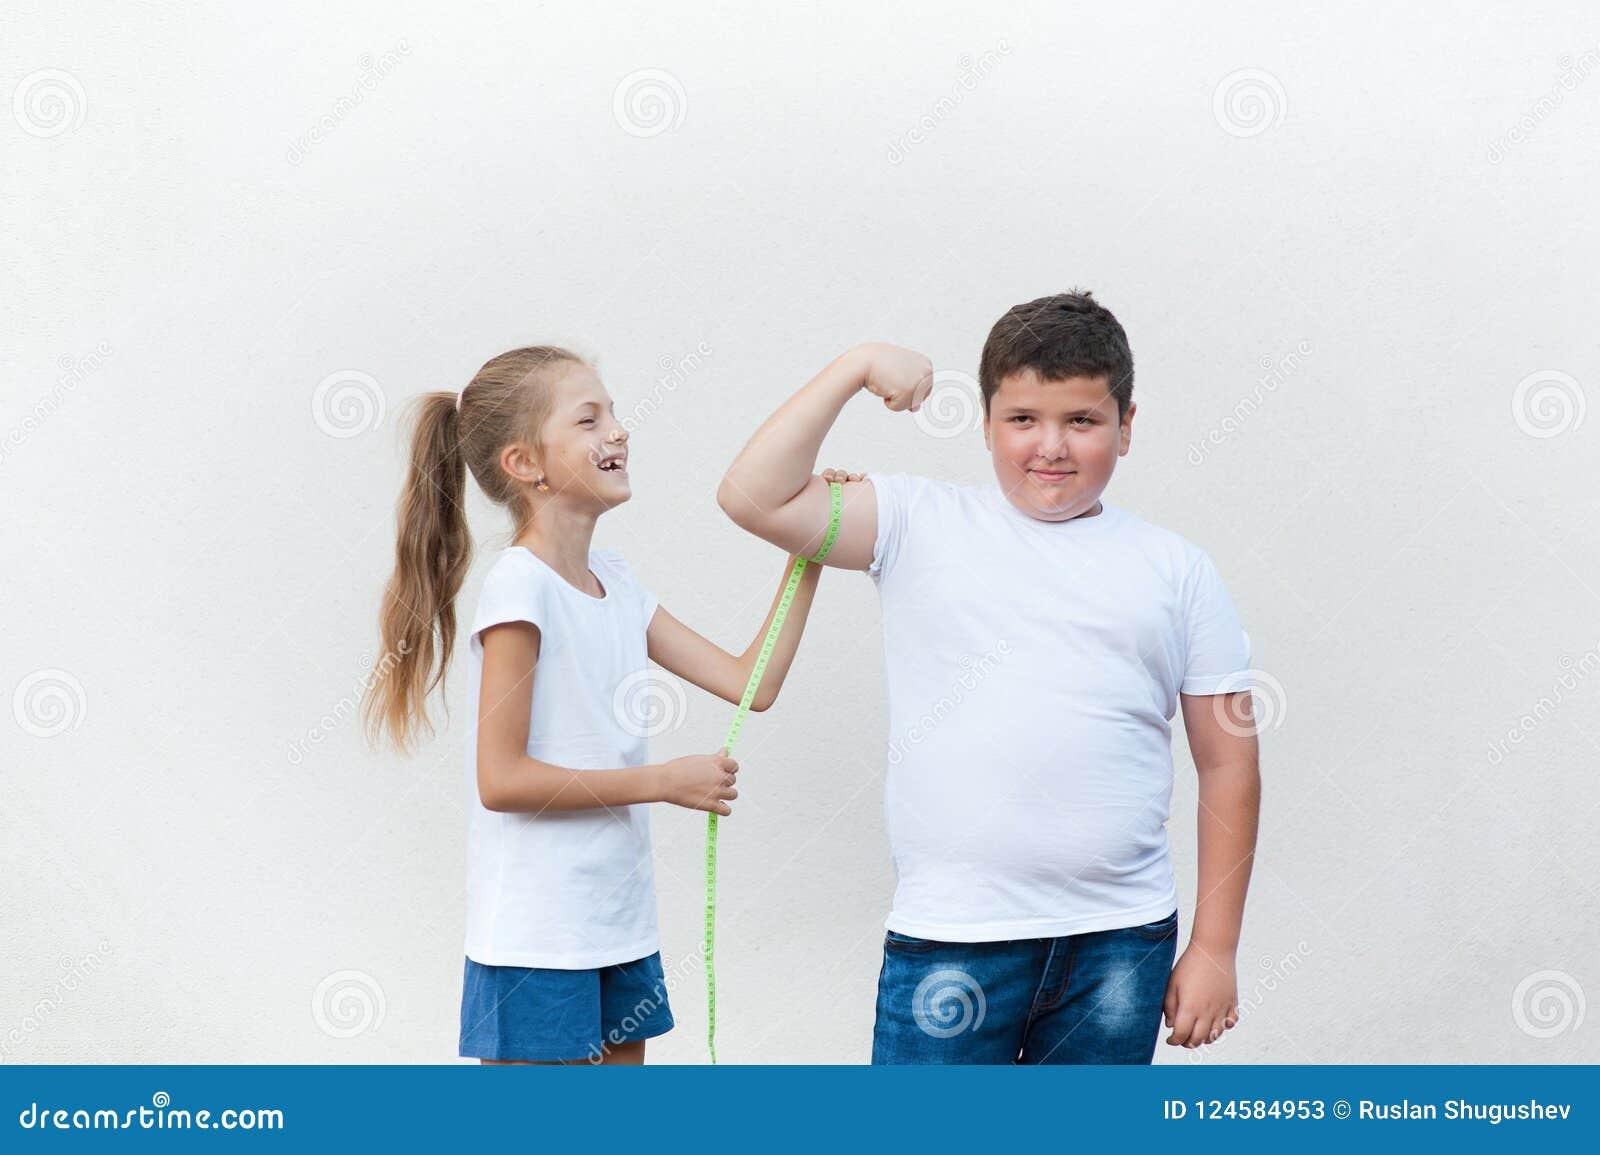 Αρκετά γελώντας λεπτό μικρό κορίτσι που μετρά το χαριτωμένο παχύ μυ δικέφαλων μυών αγοριών με την ταινία